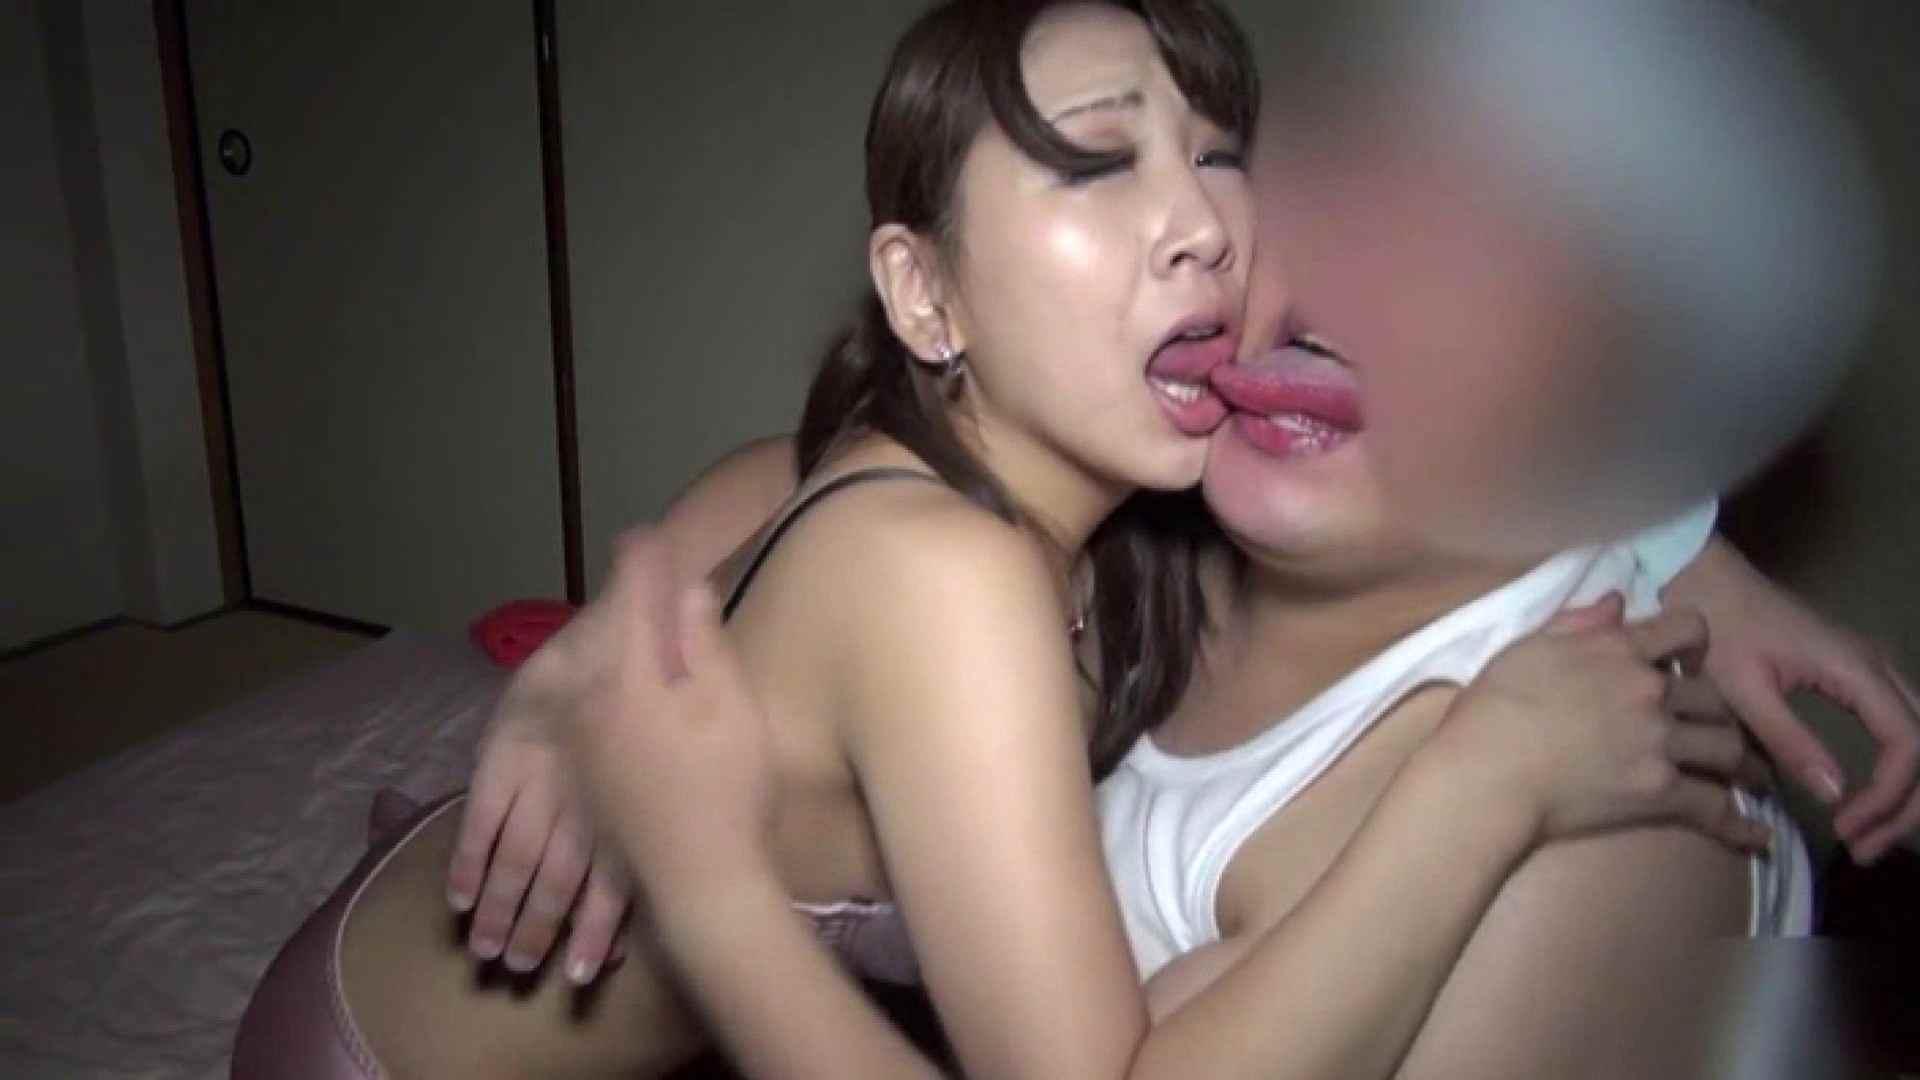 おしえてギャル子のH塾 Vol.04 前編 美女OL 濡れ場動画紹介 75連発 38